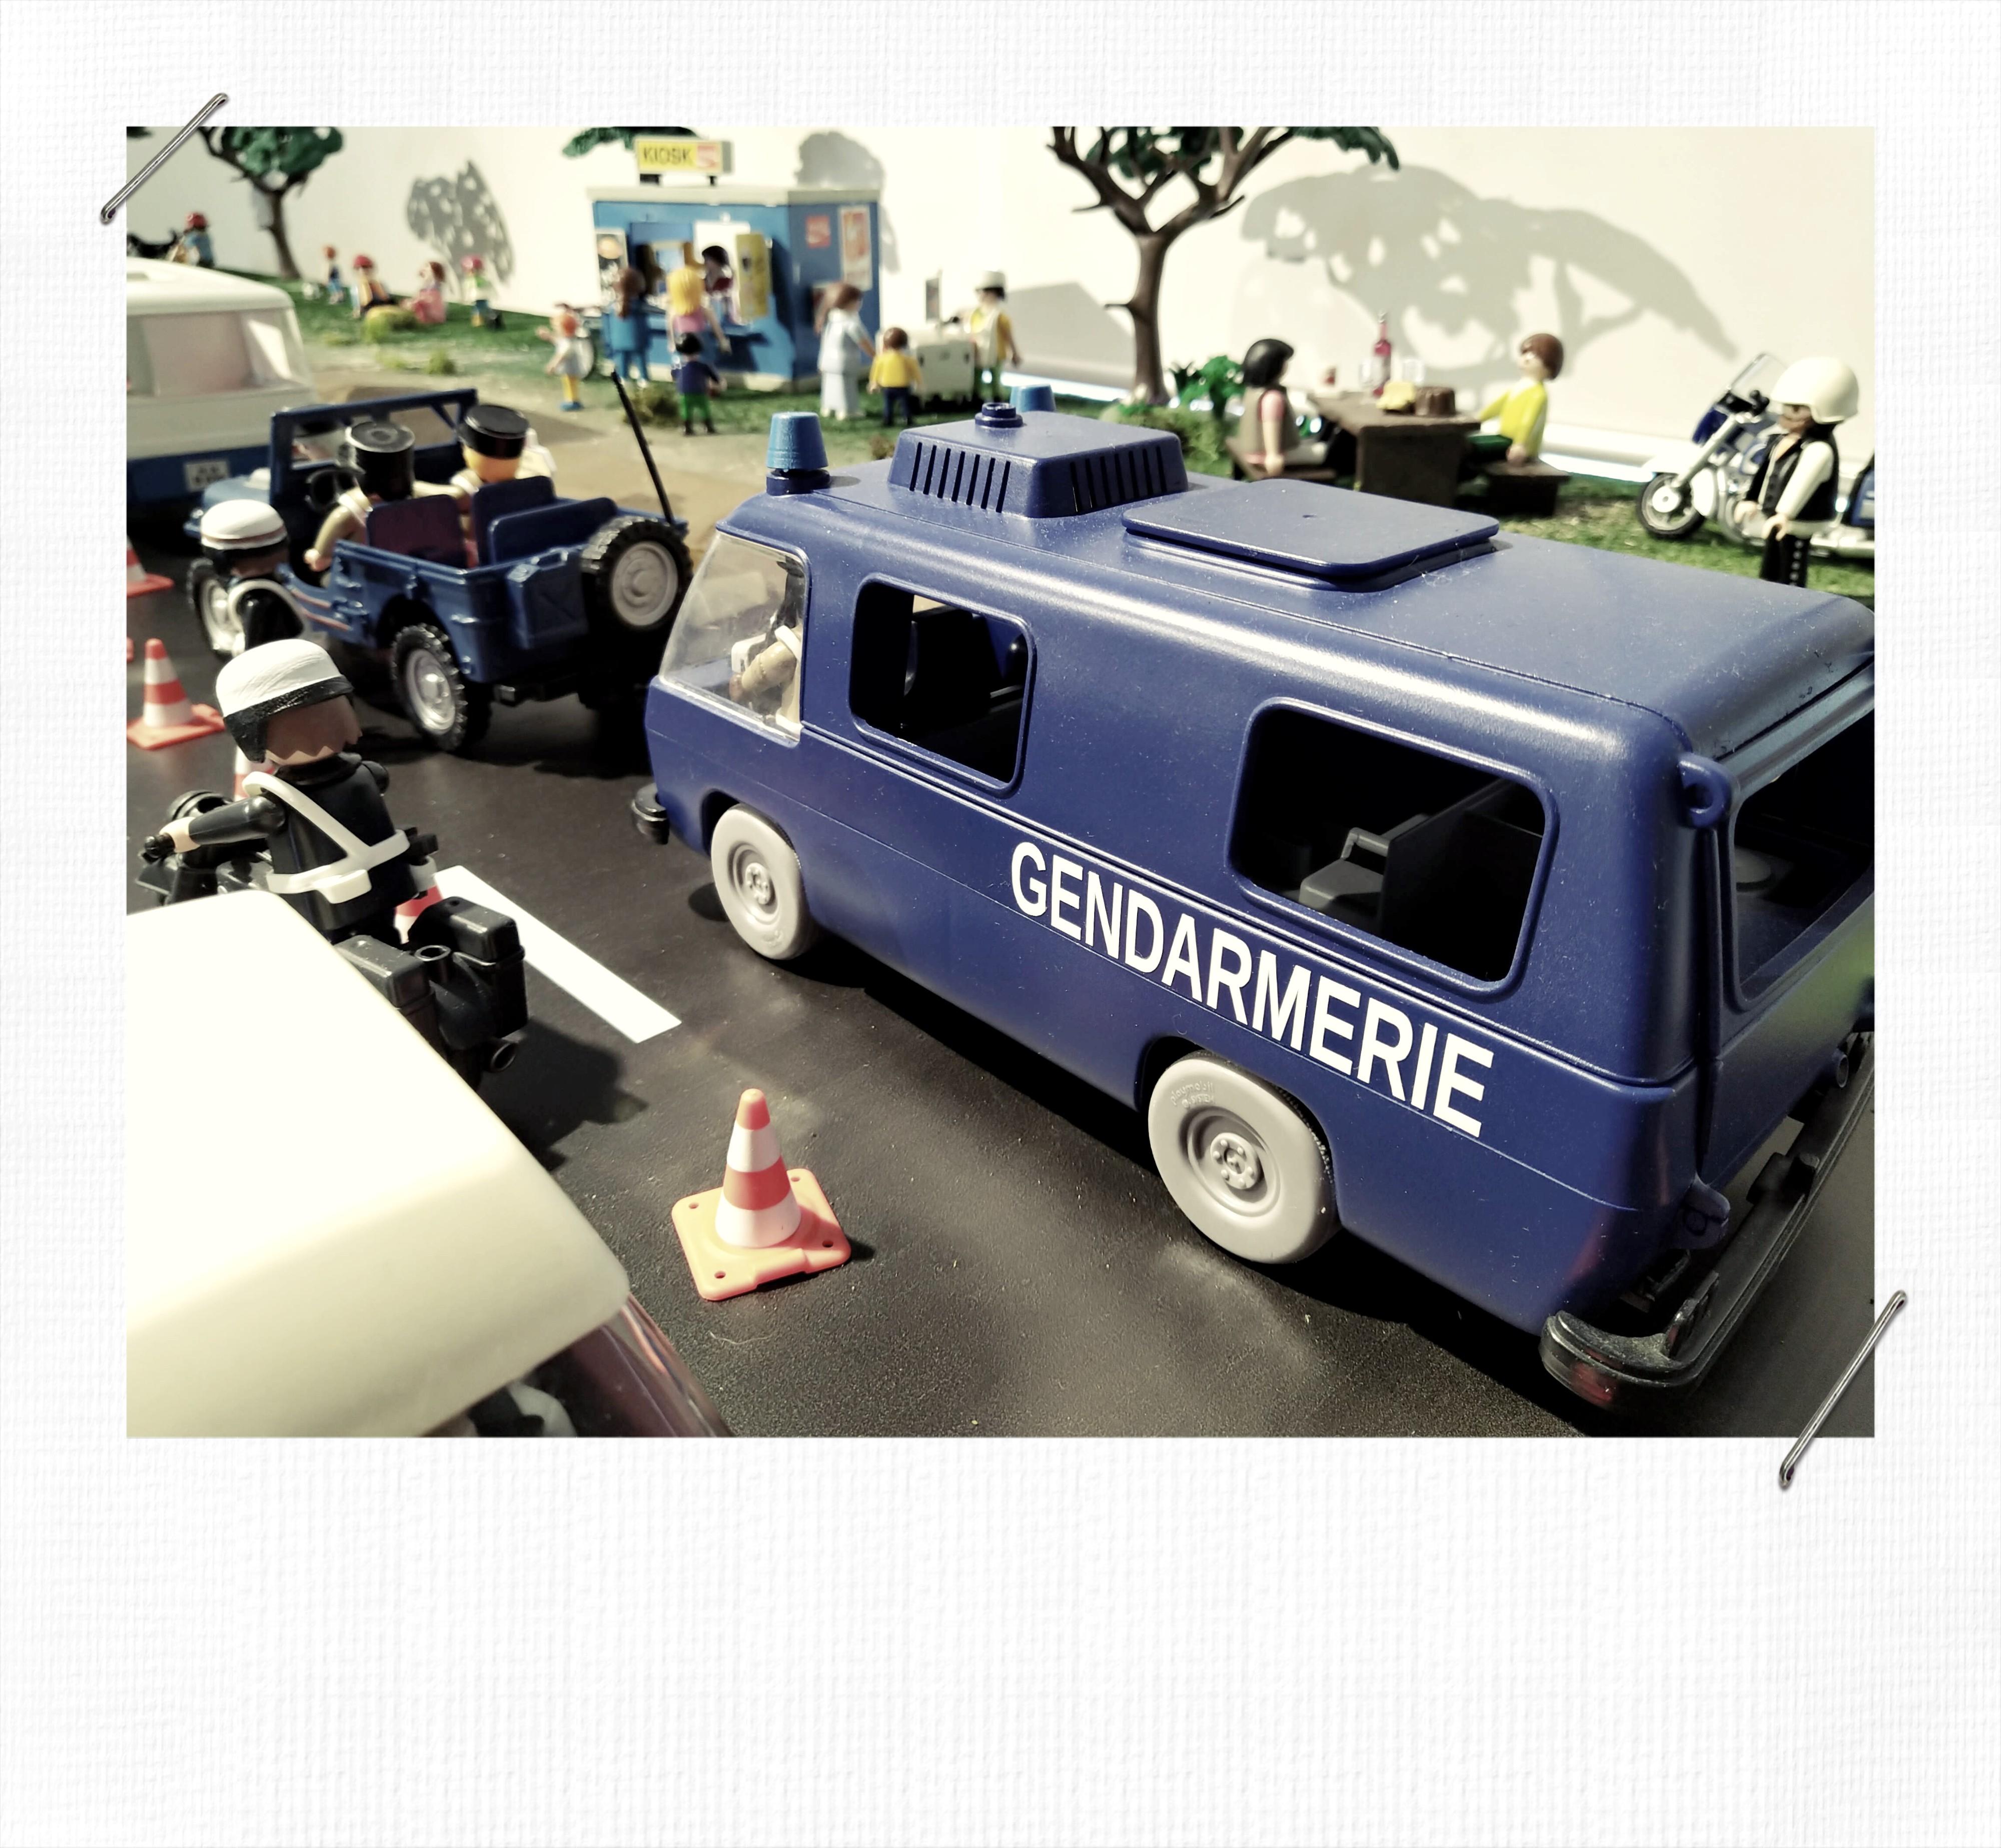 La Gendarmerie dans les années 1970